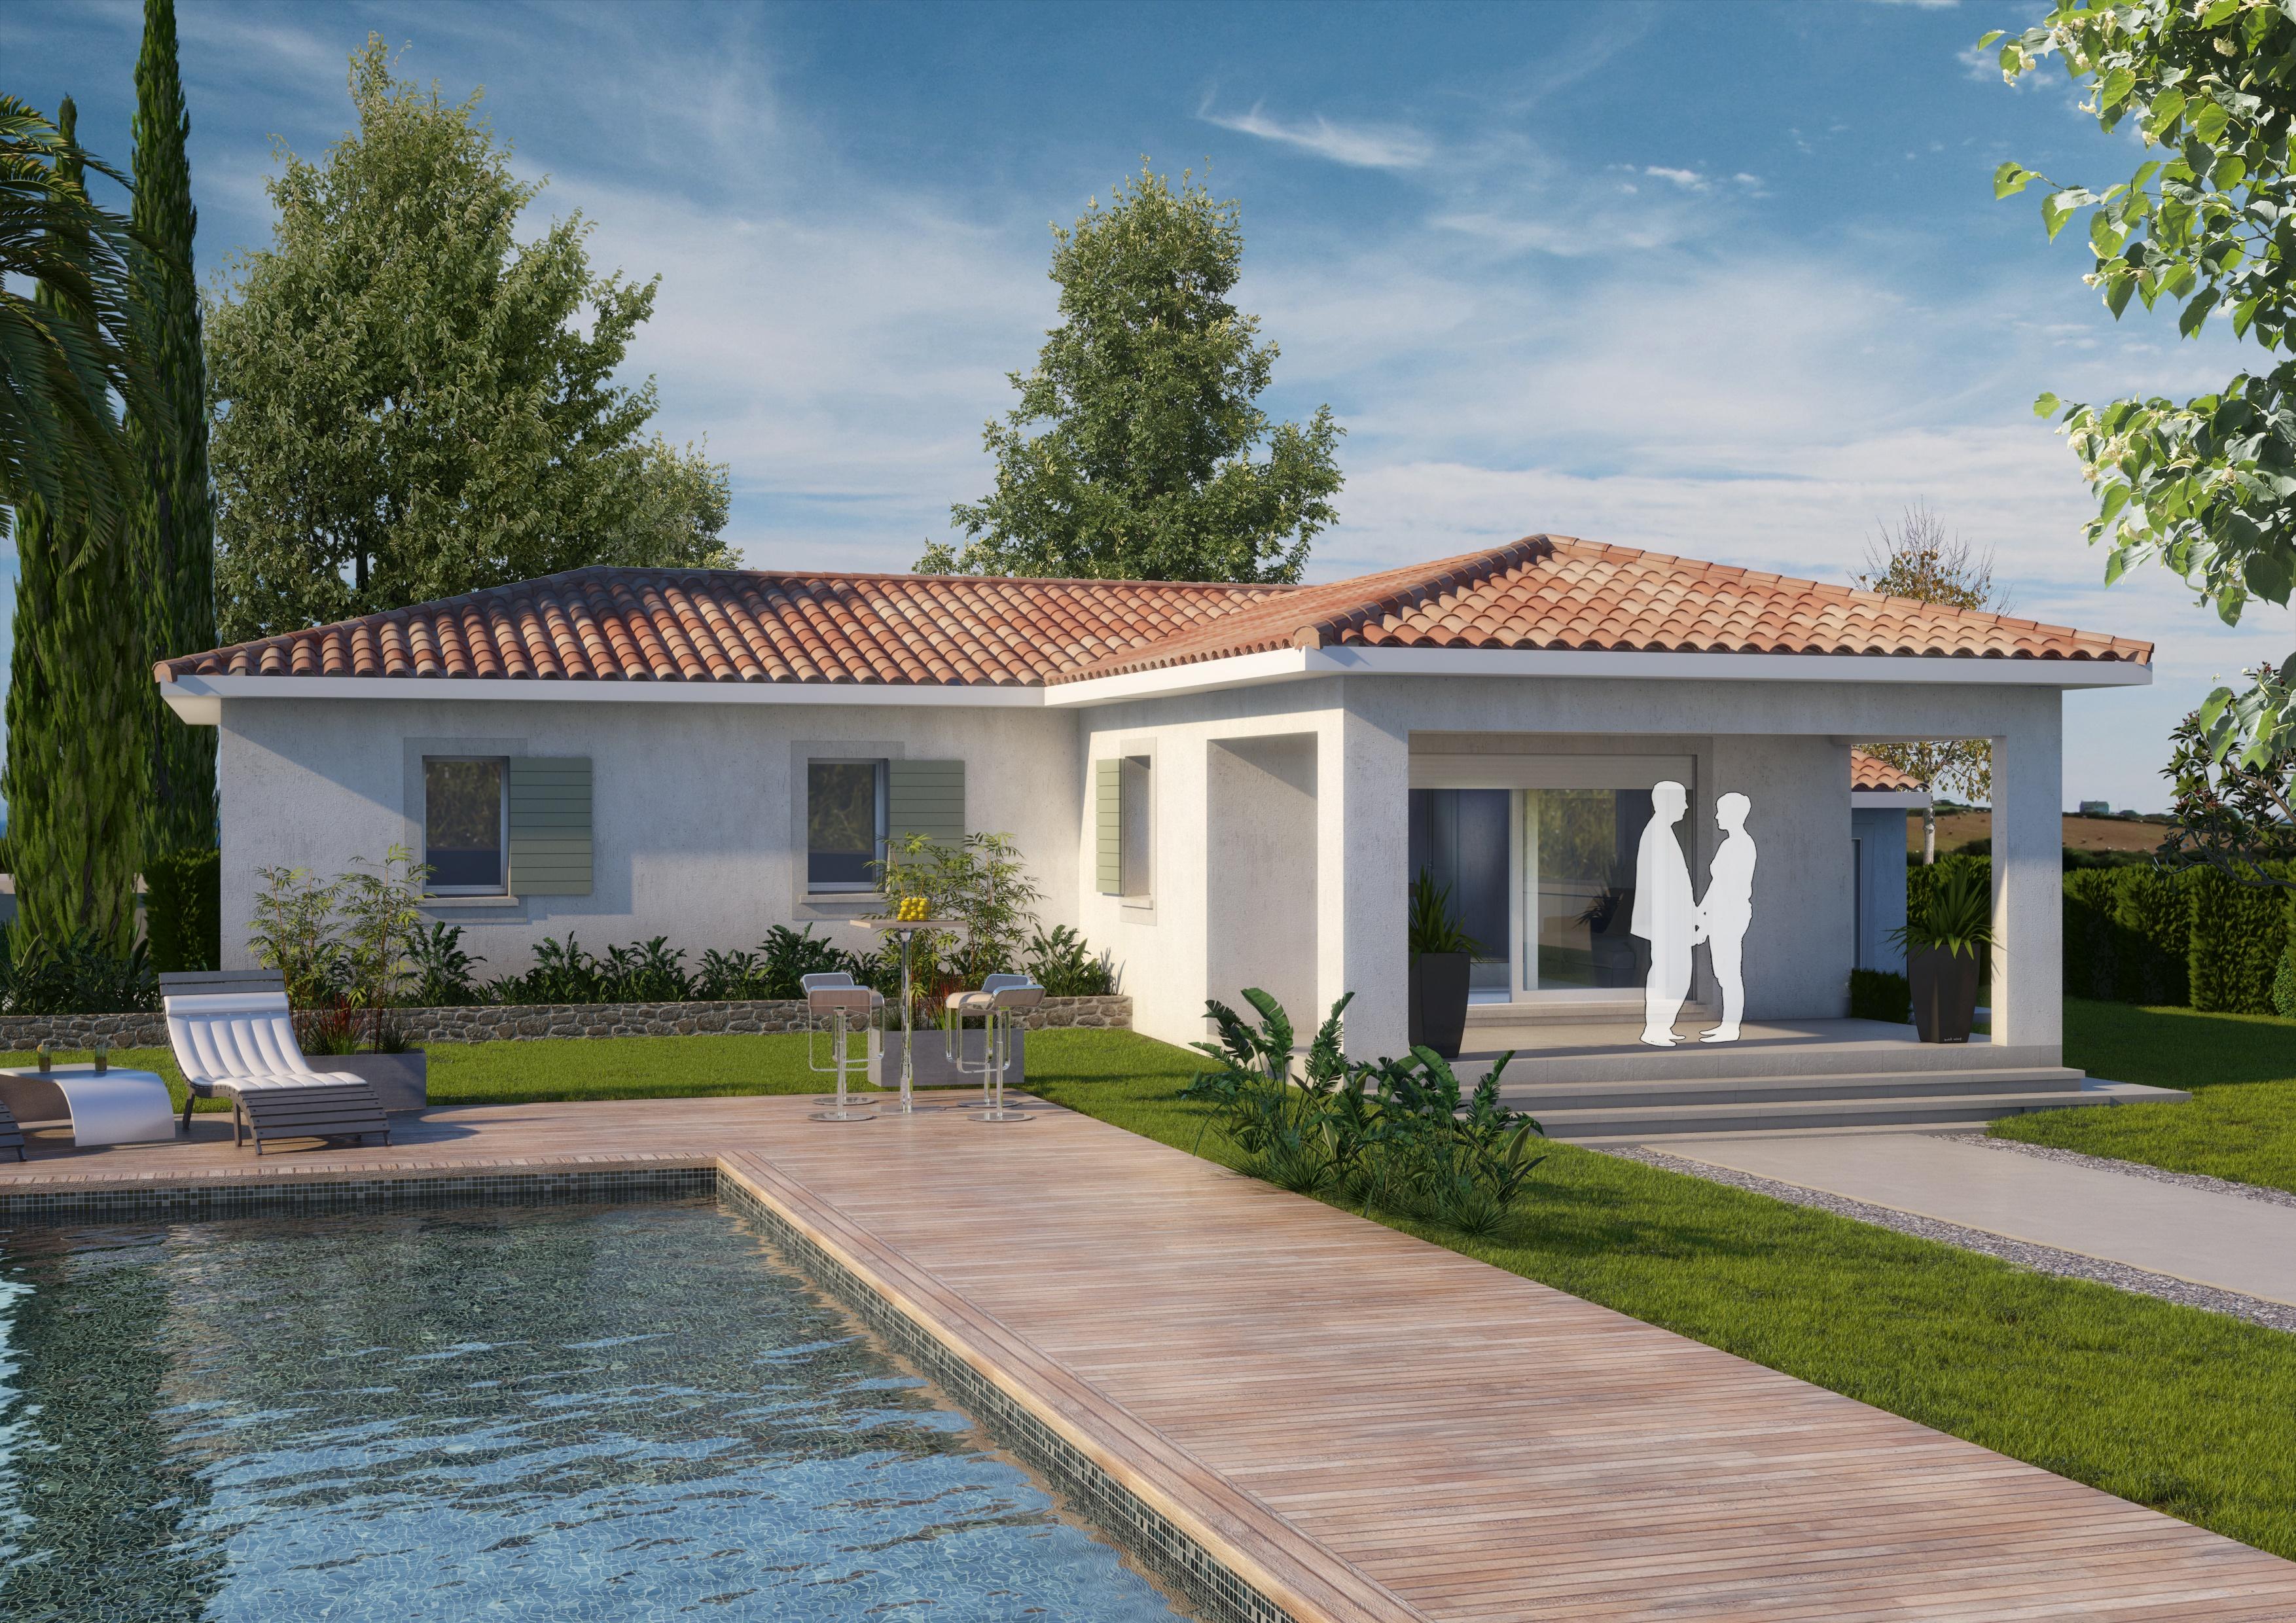 Maisons + Terrains du constructeur ART ET TRADITIONS MEDITERRANEE • 100 m² • UZES